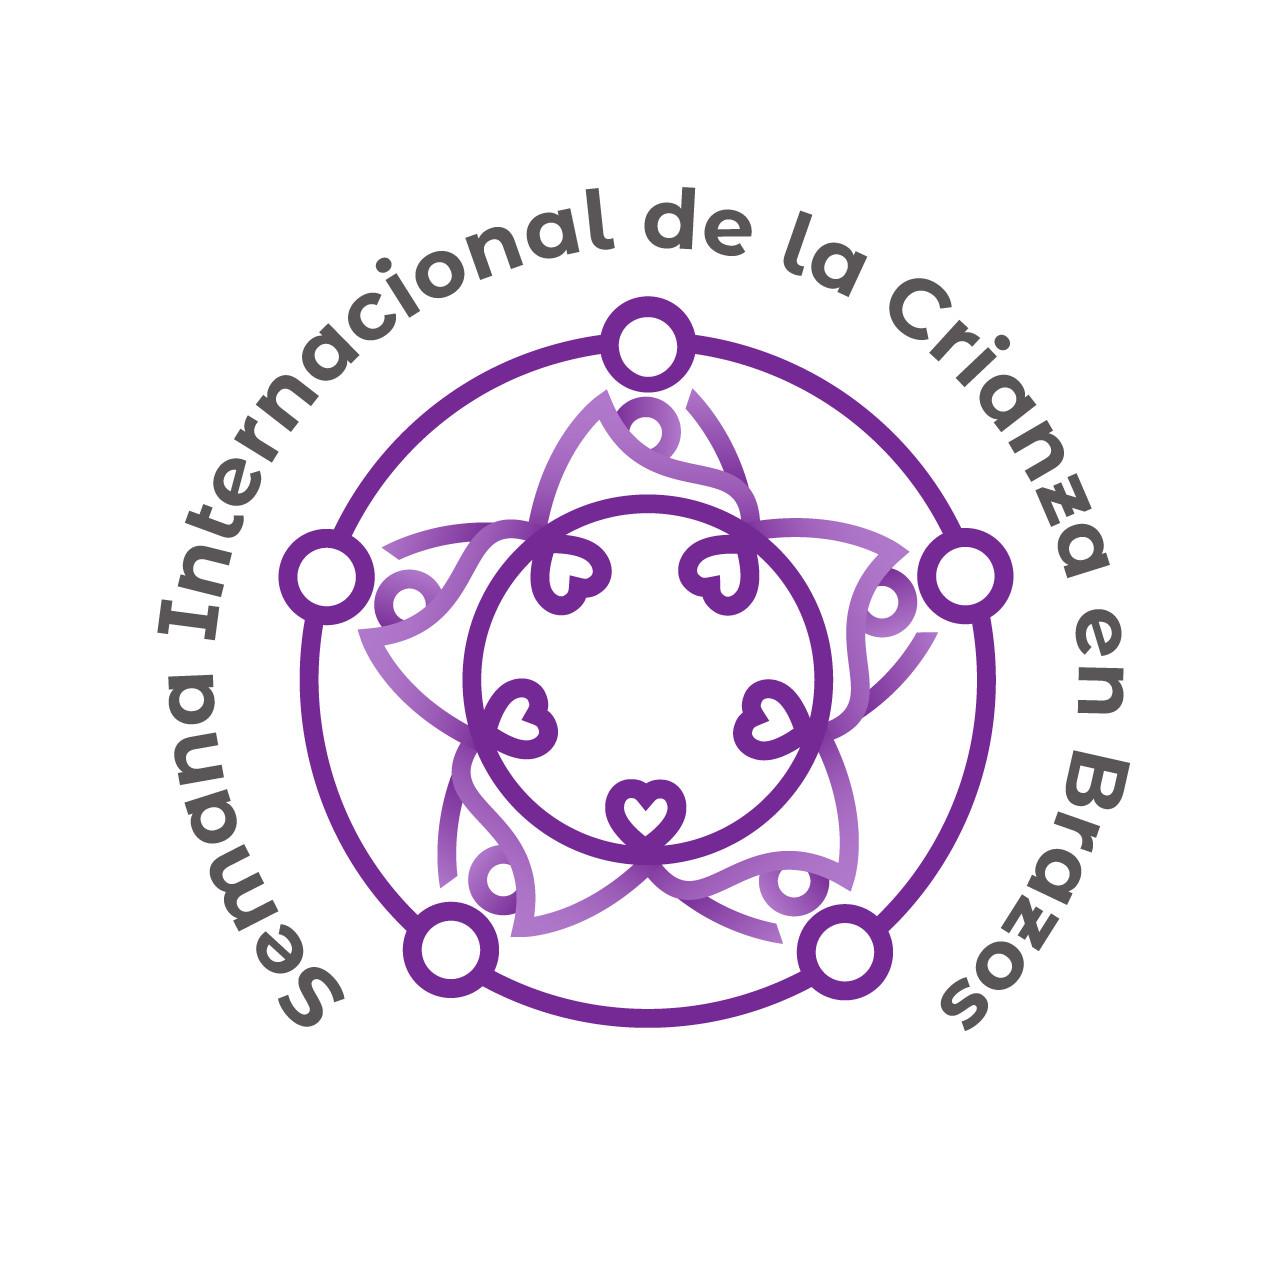 Logotipo semana internacional de la crianza en brazos 2019